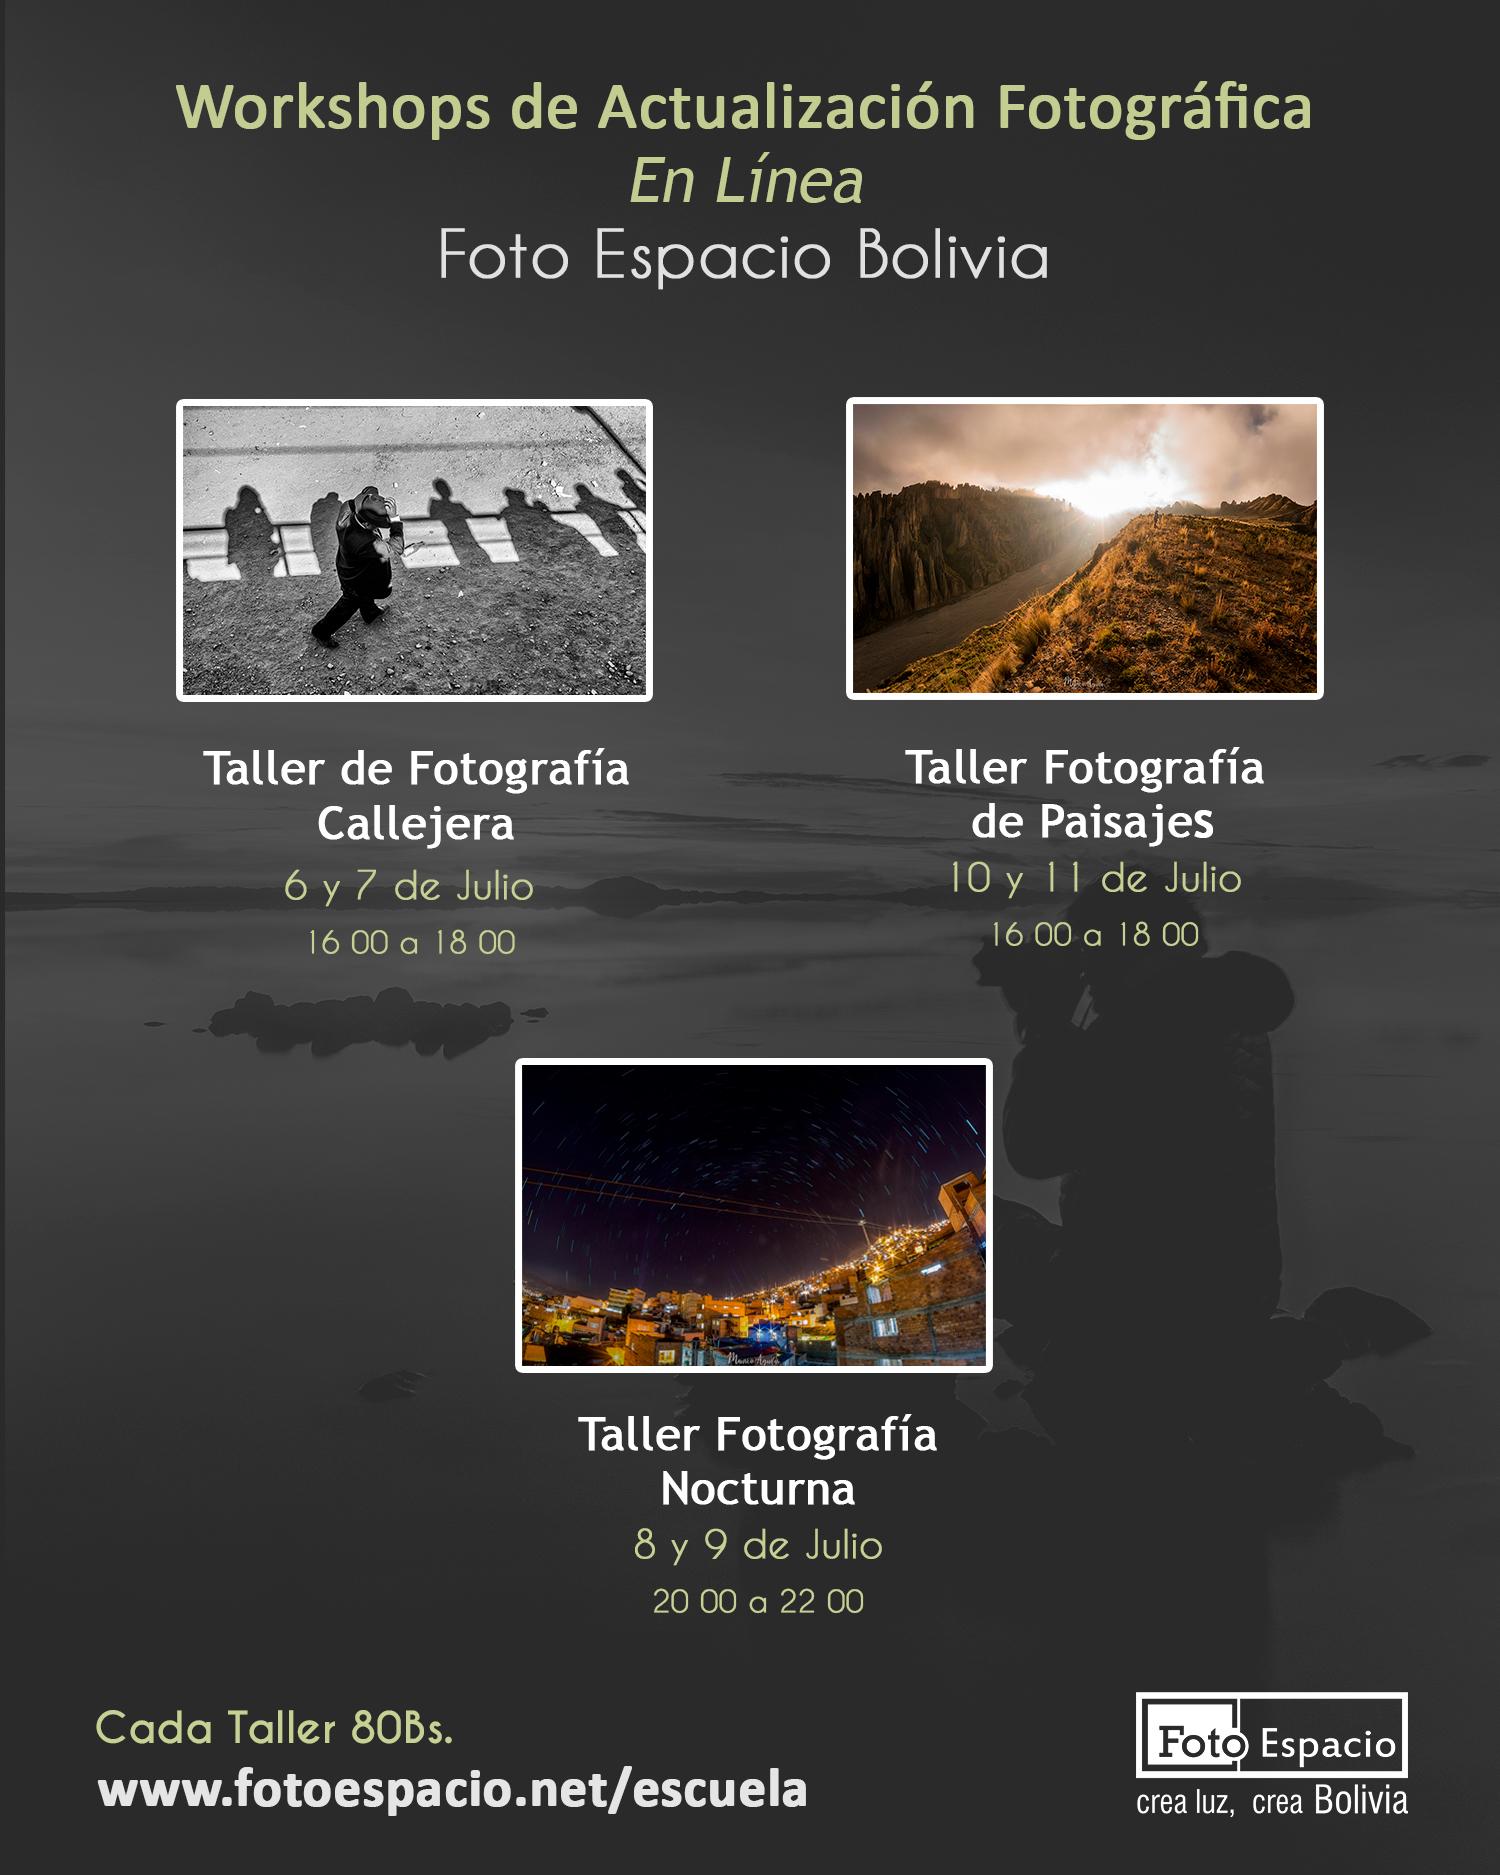 Workshops de actualización Fotográfica - En LíneaNo